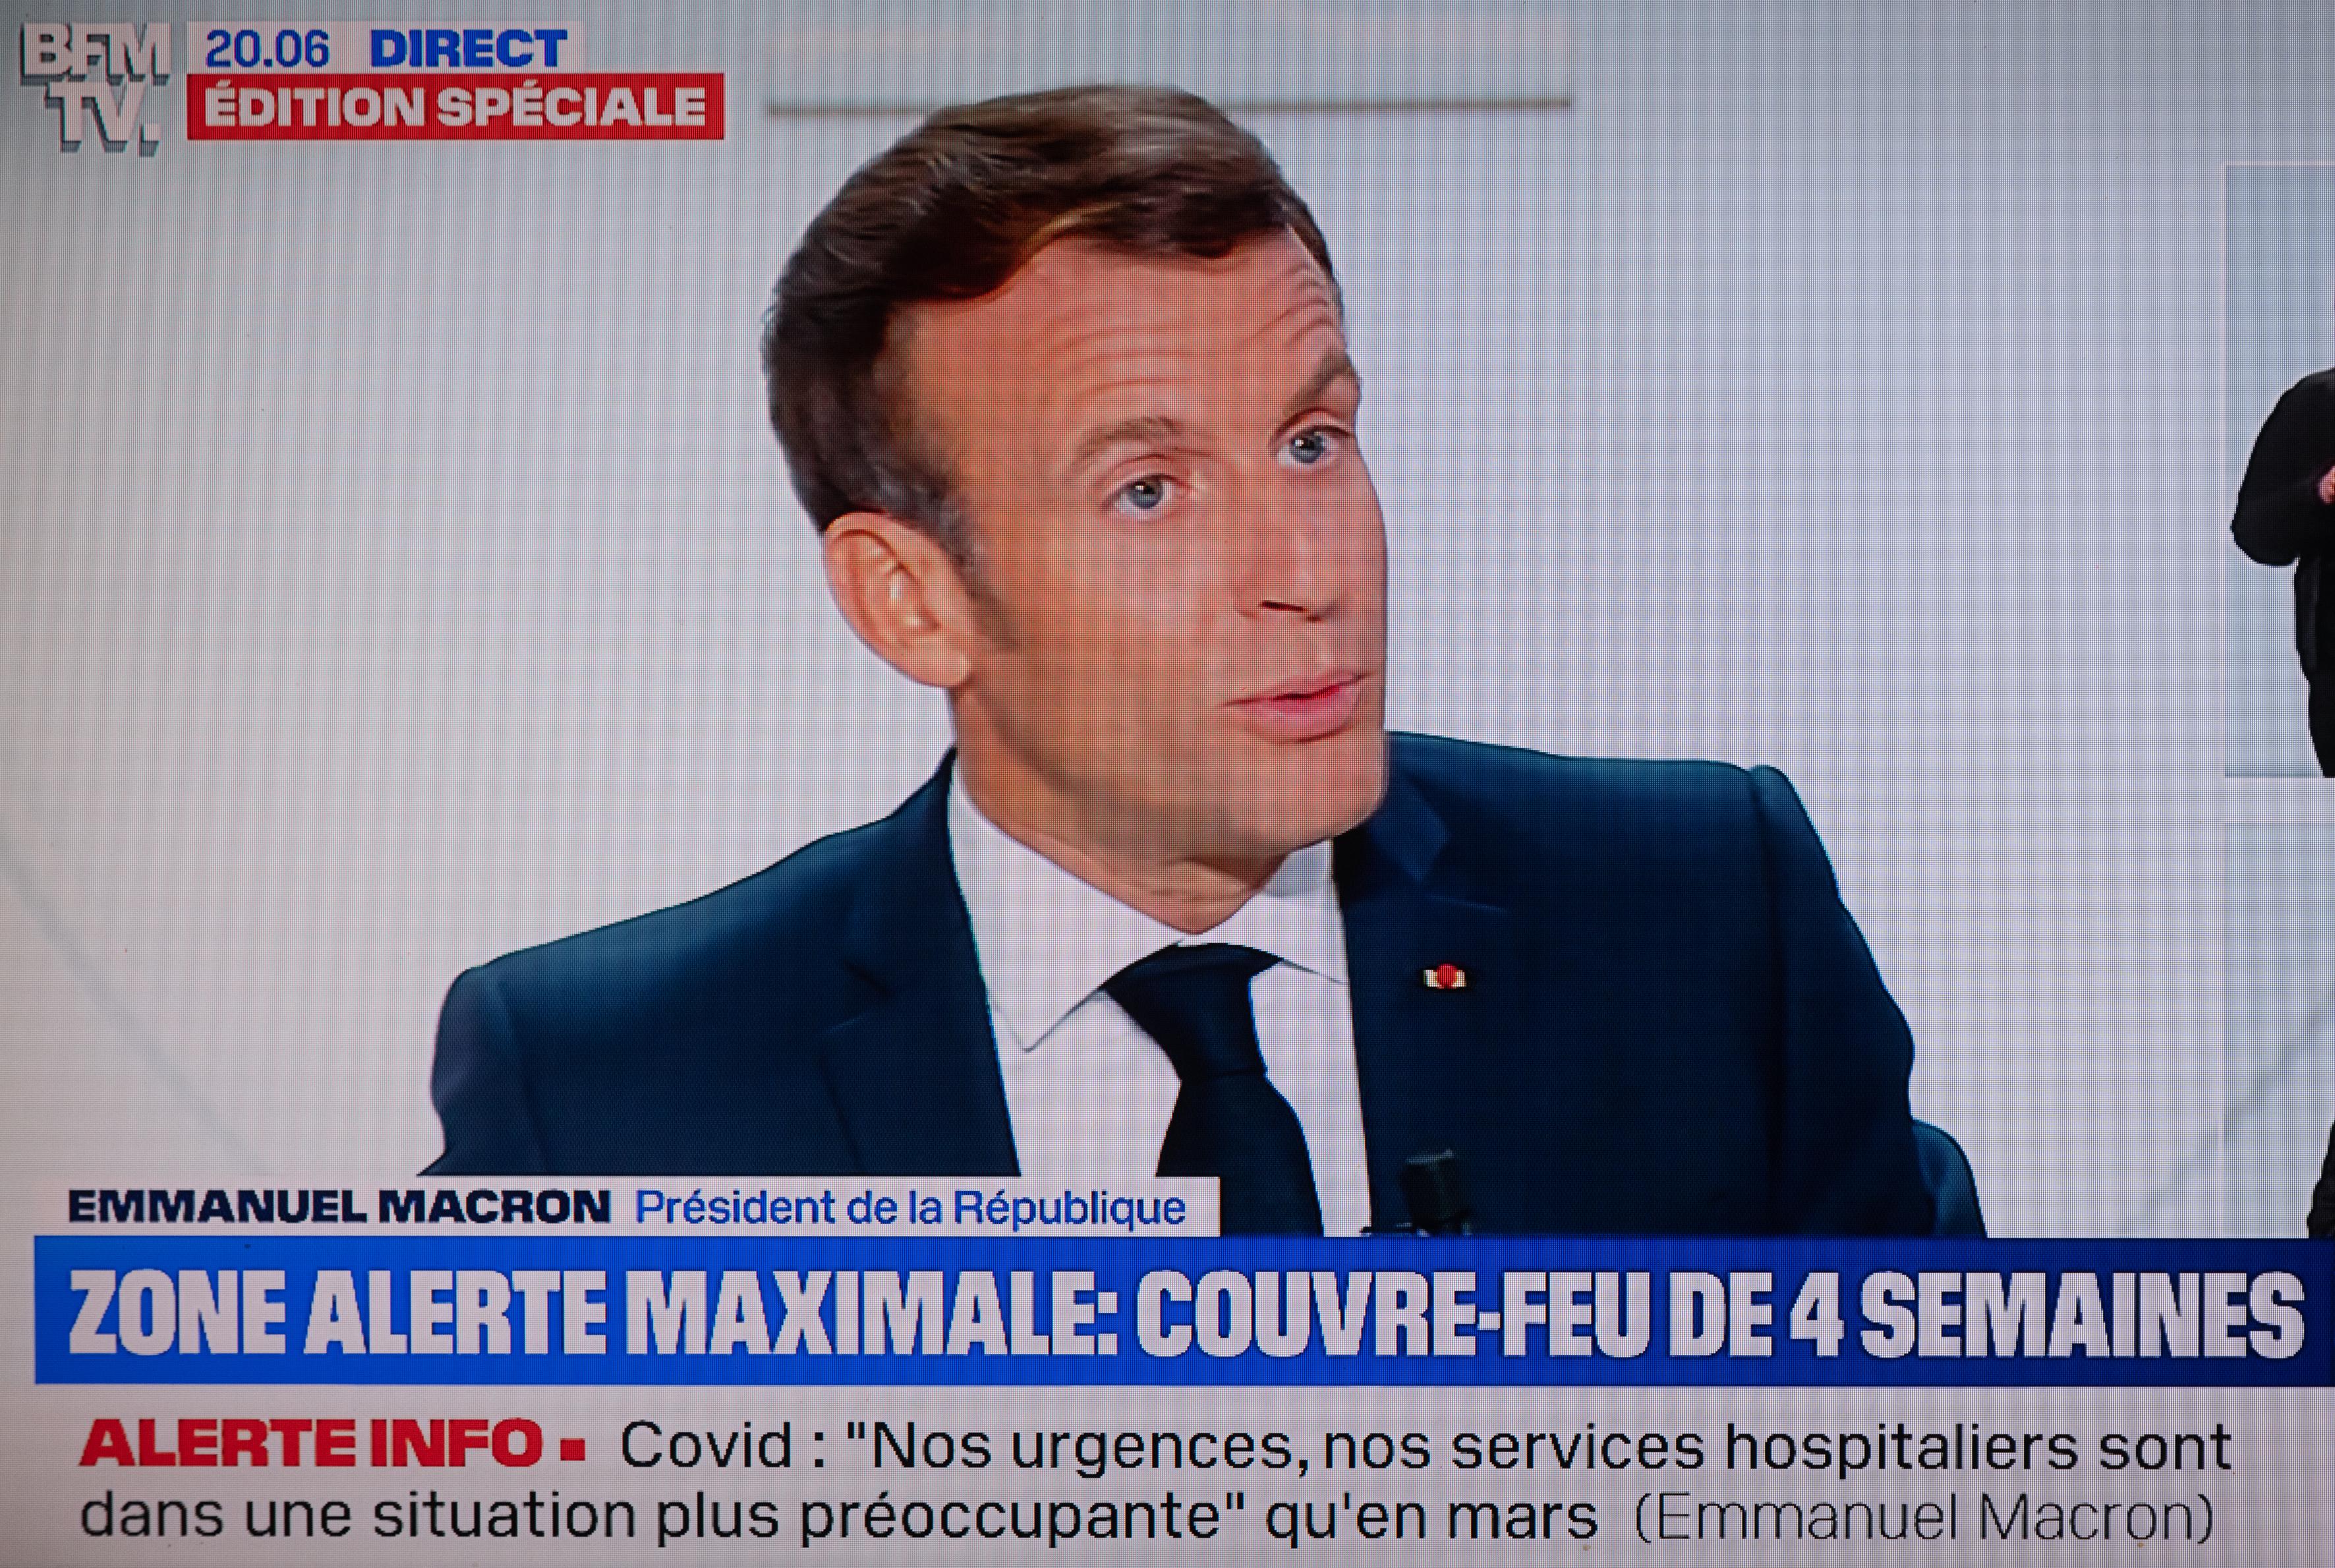 Újra egészségügyi rendkívüli állapot lesz Franciaországban